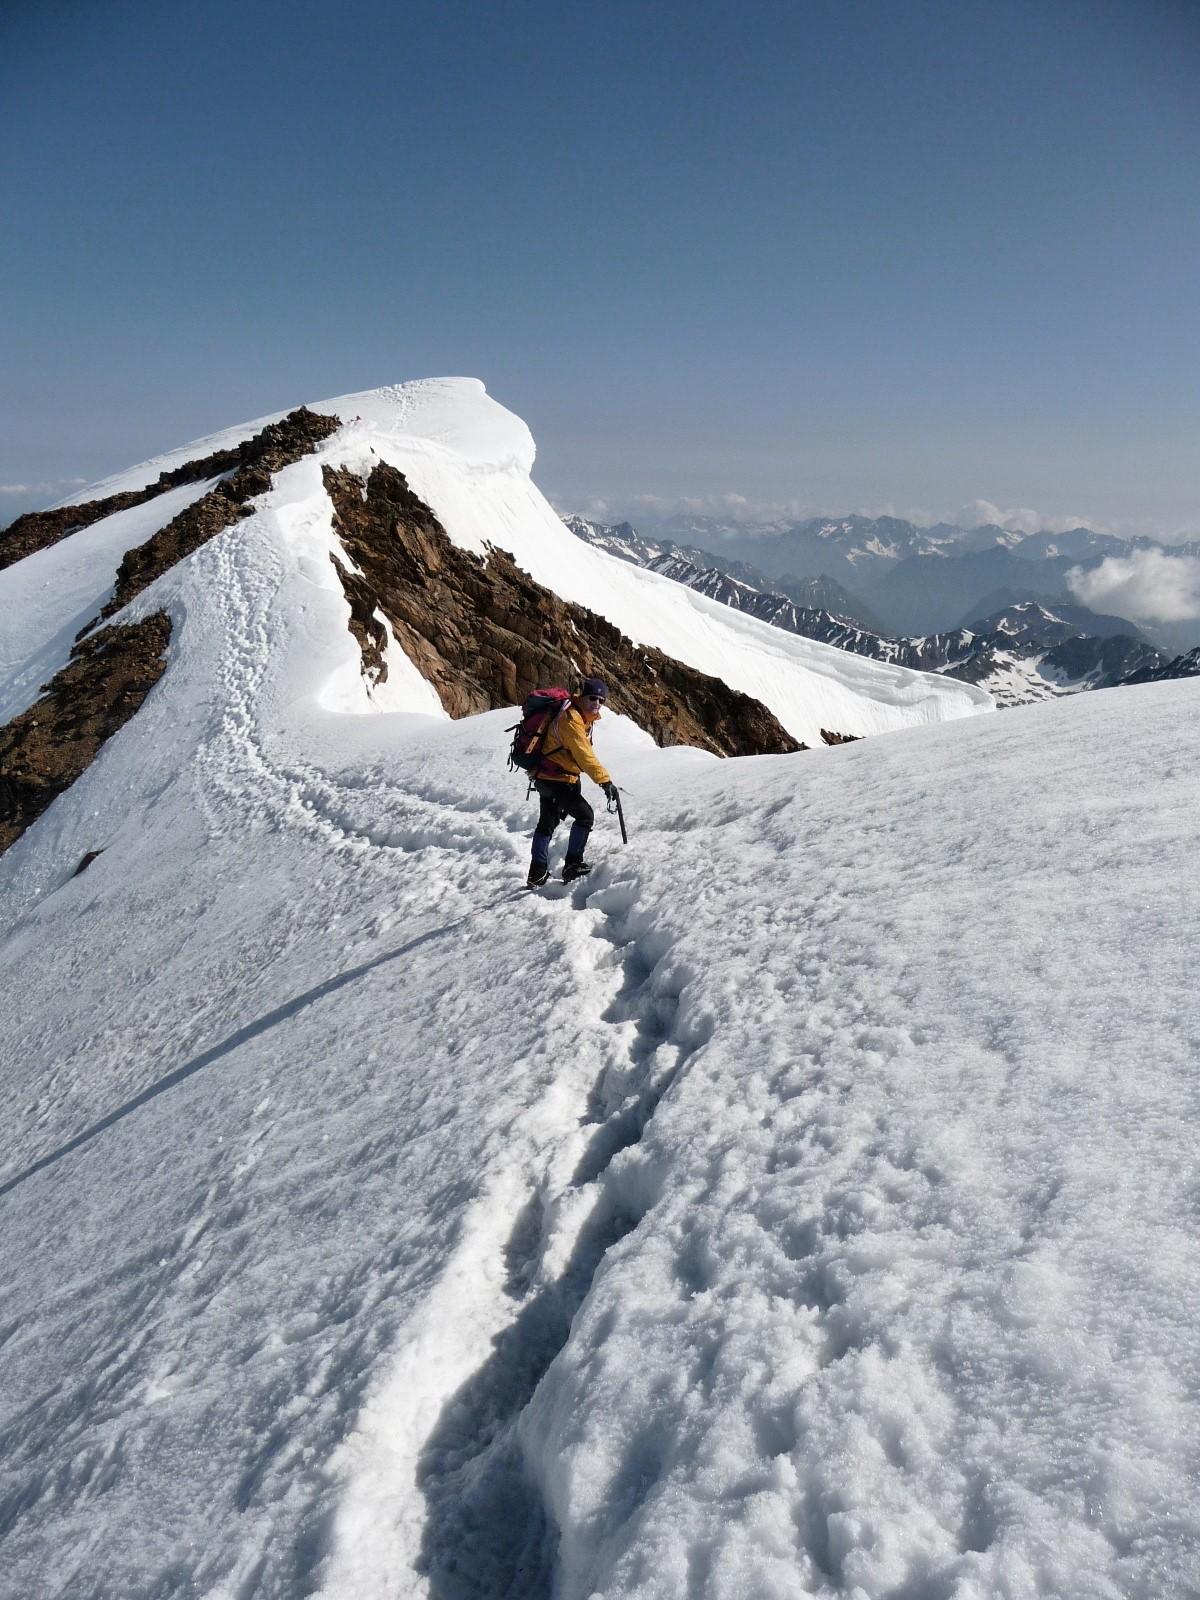 De scherpe sneeuwkam tussen de zuid- en noordtop.